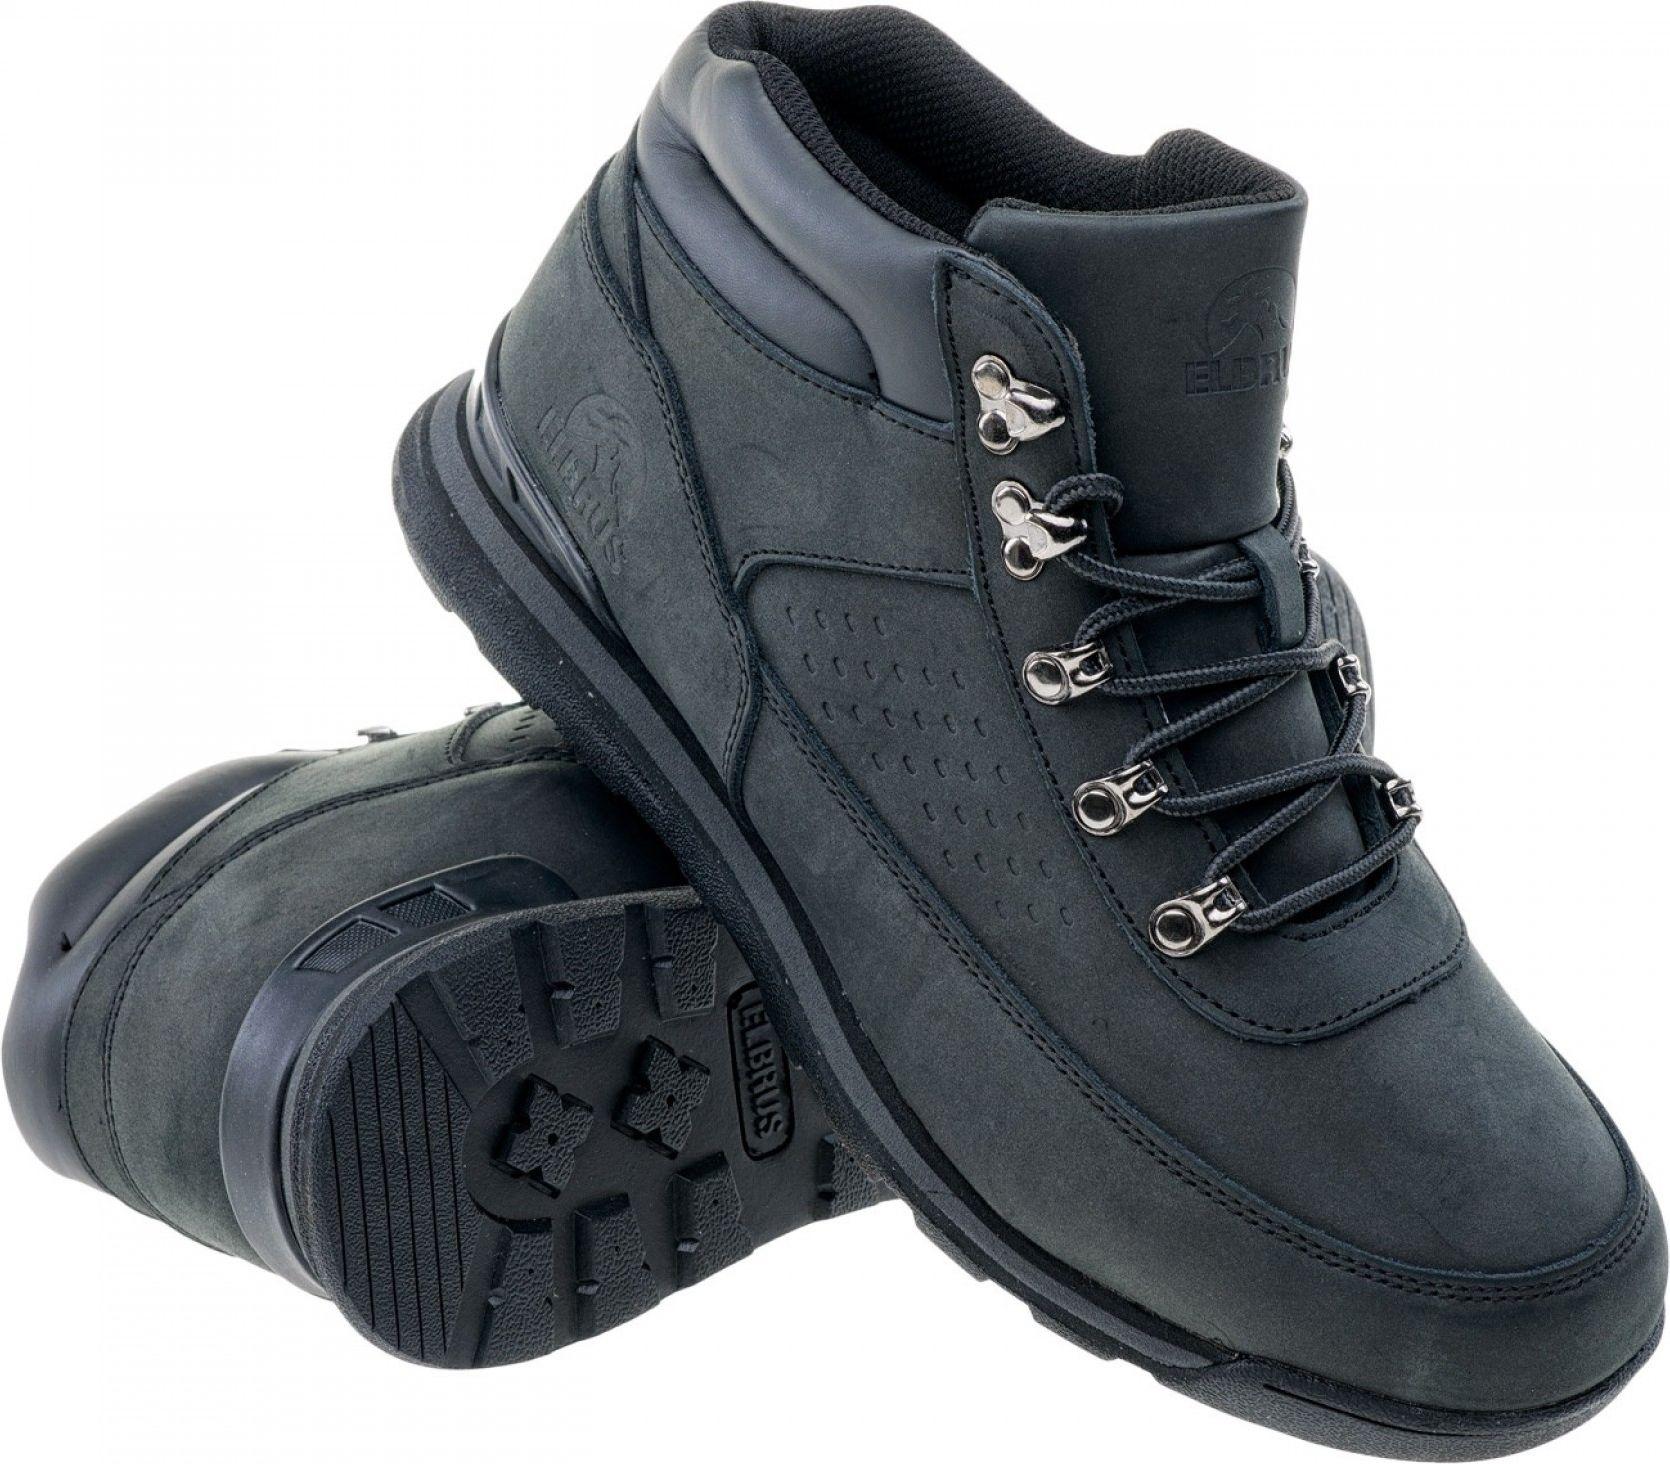 Elbrus Buty meskie Kalem Mid Black r. 41 5902786063604 Tūrisma apavi